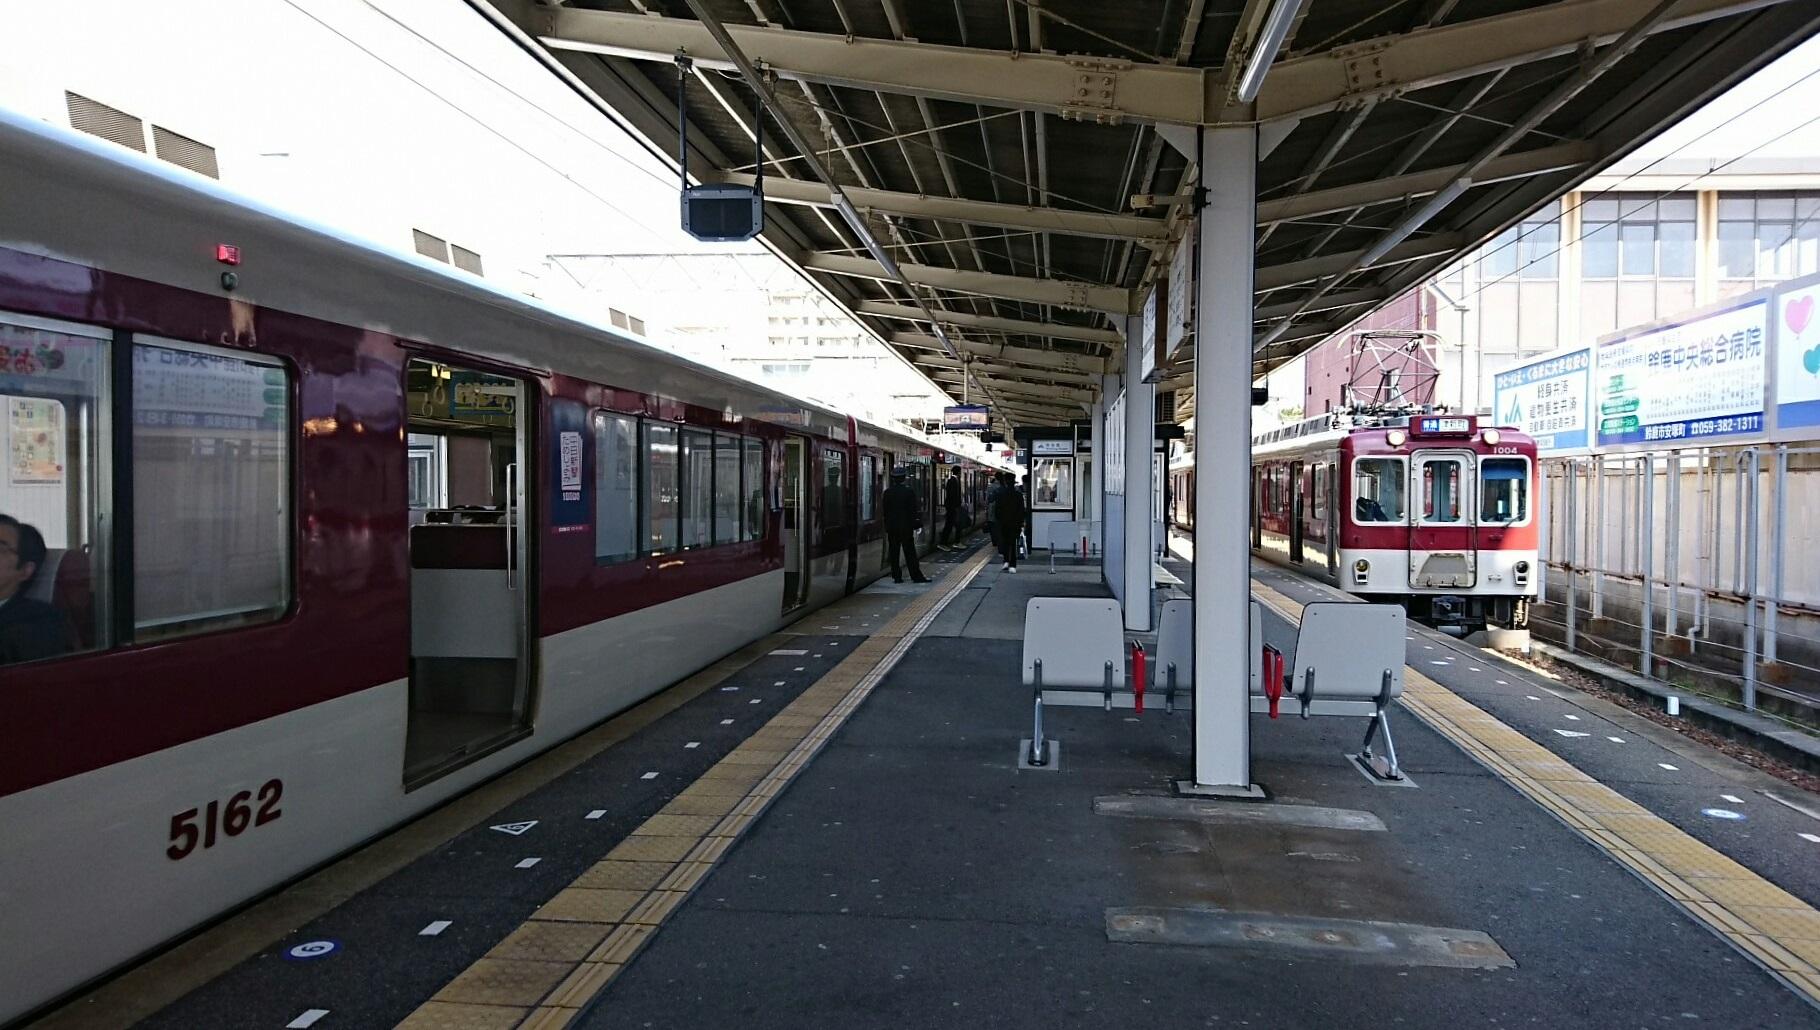 2018.3.13 白子 (42) 白子 - 松阪いき急行と津新町いきふつう 1820-1030